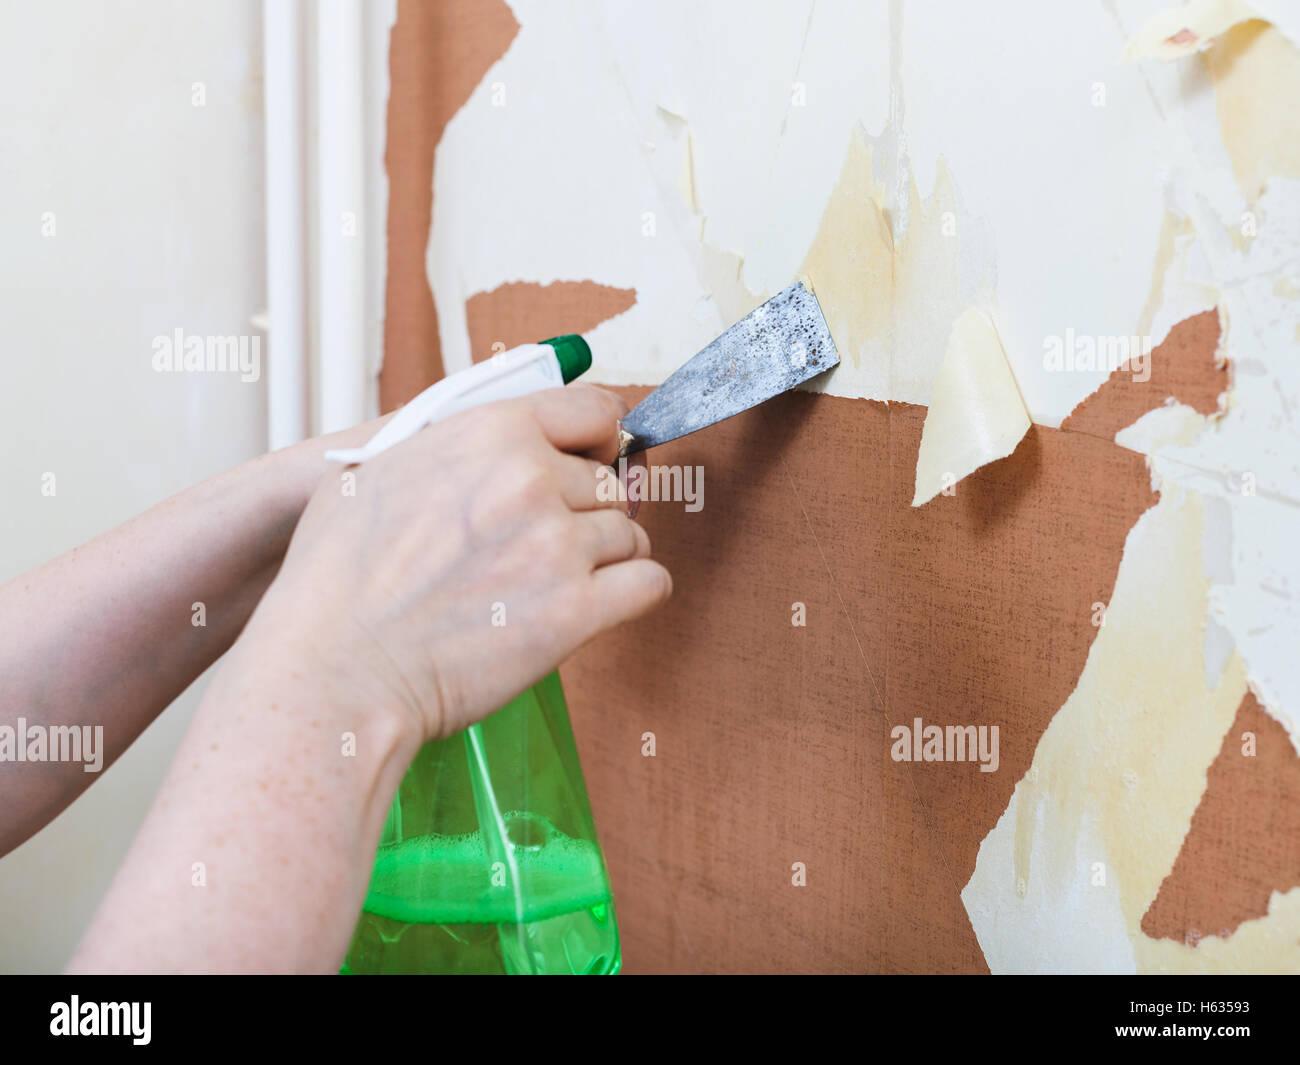 renovierung der wohnung, tapezieren: vorbereitung der wände